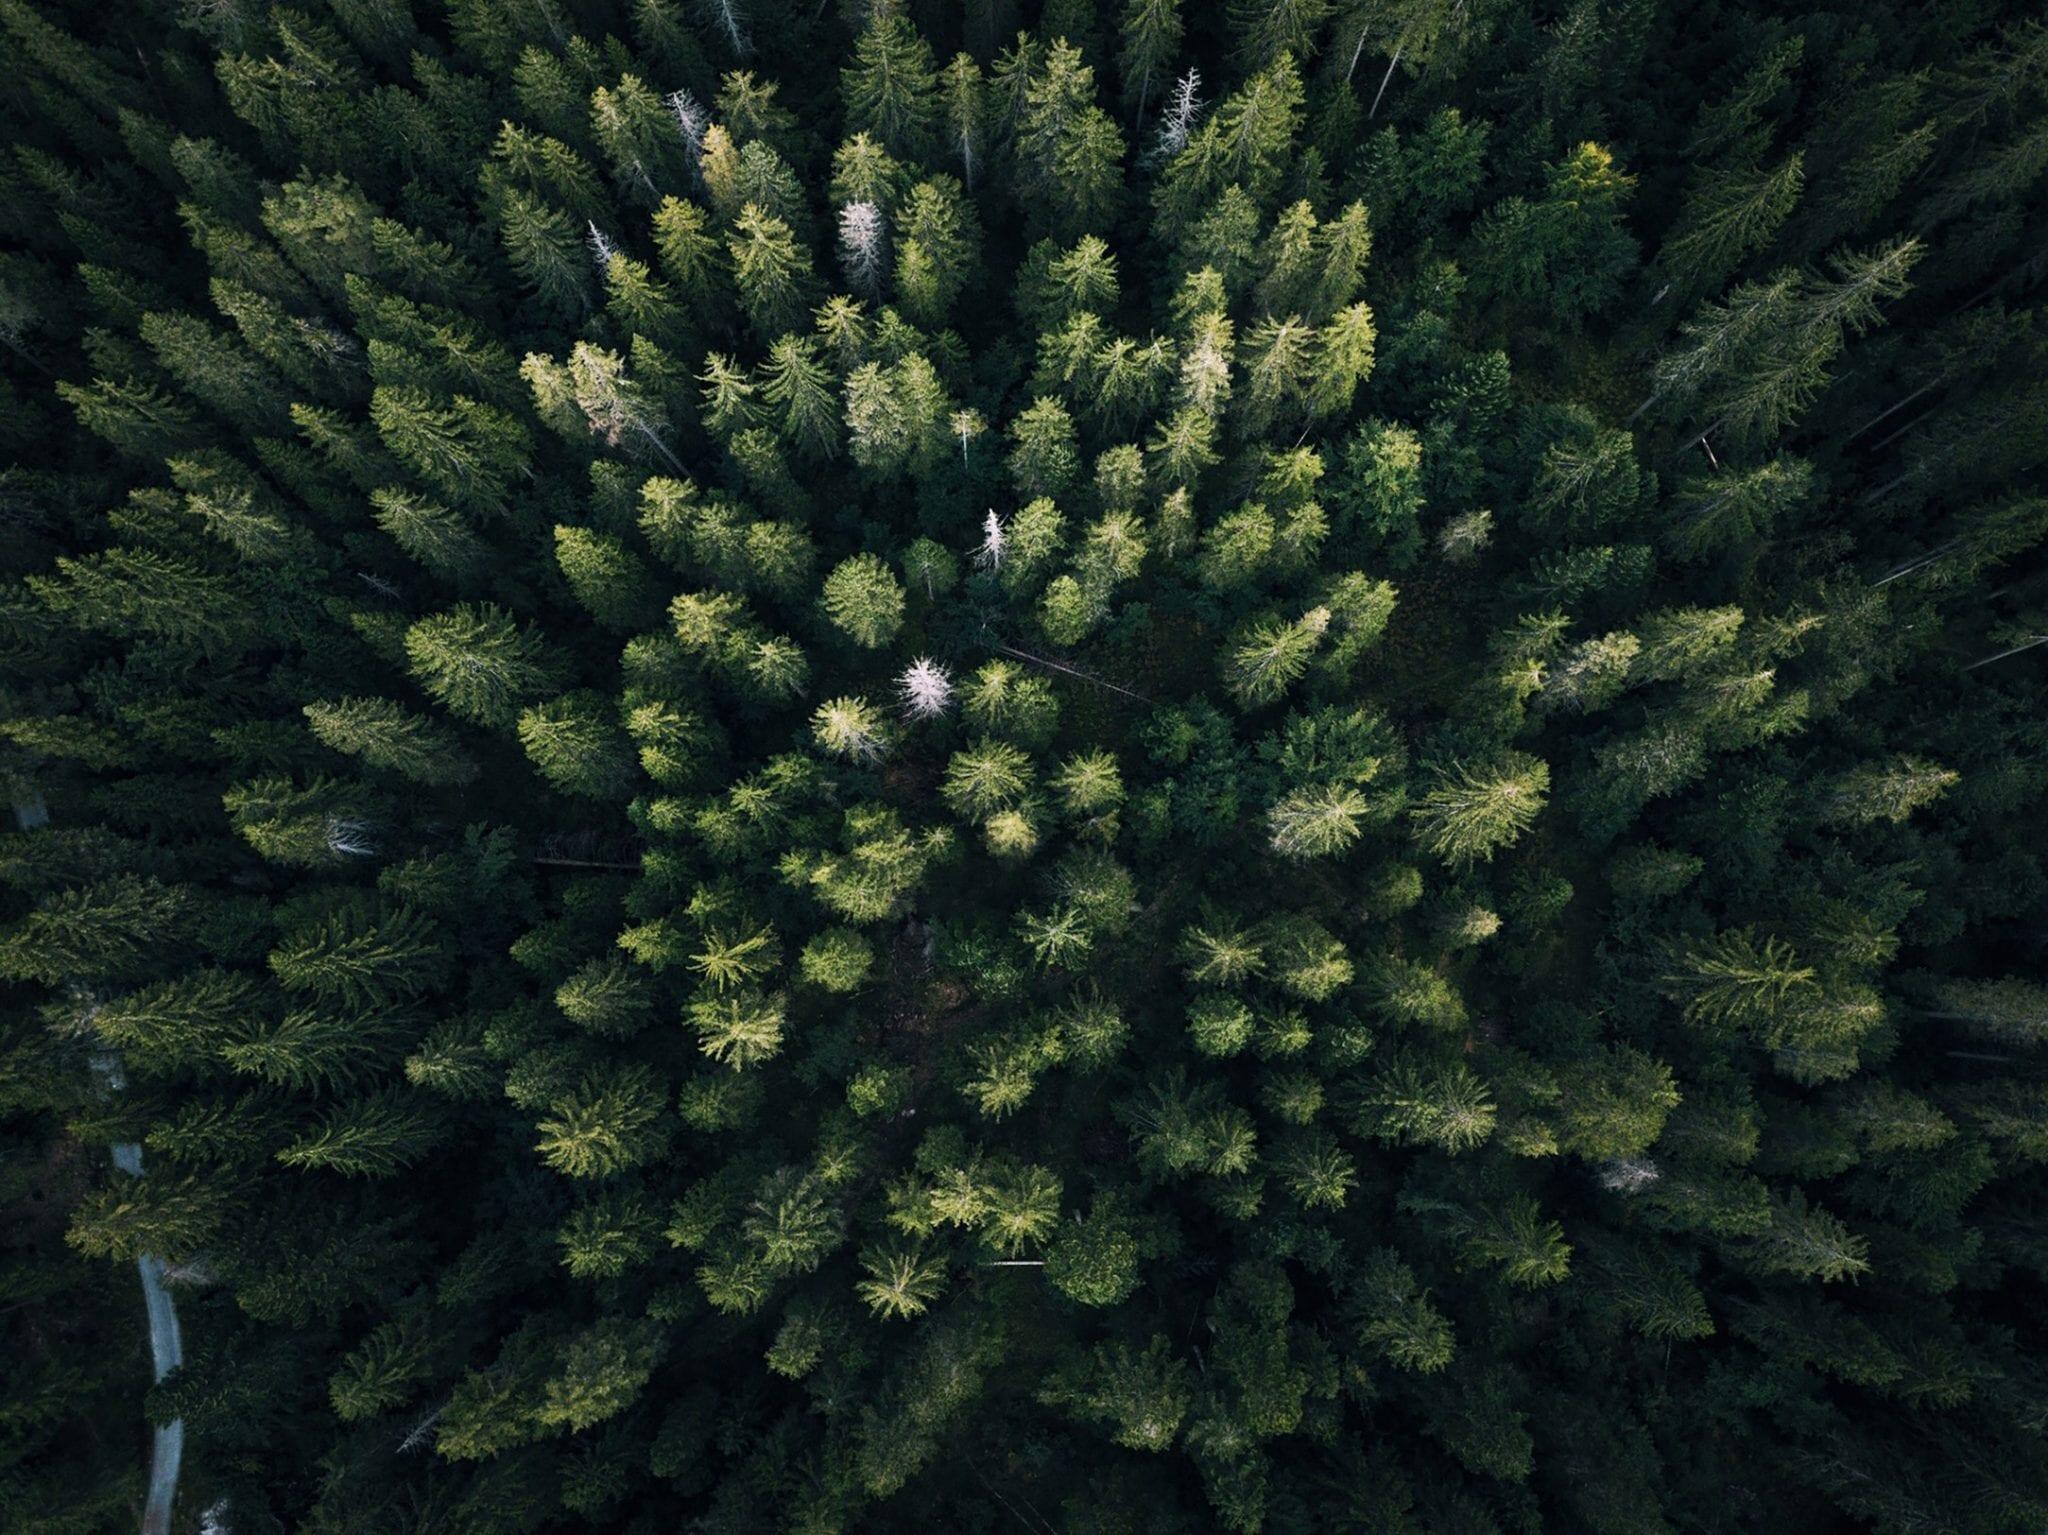 fotograferen met een drone bomen